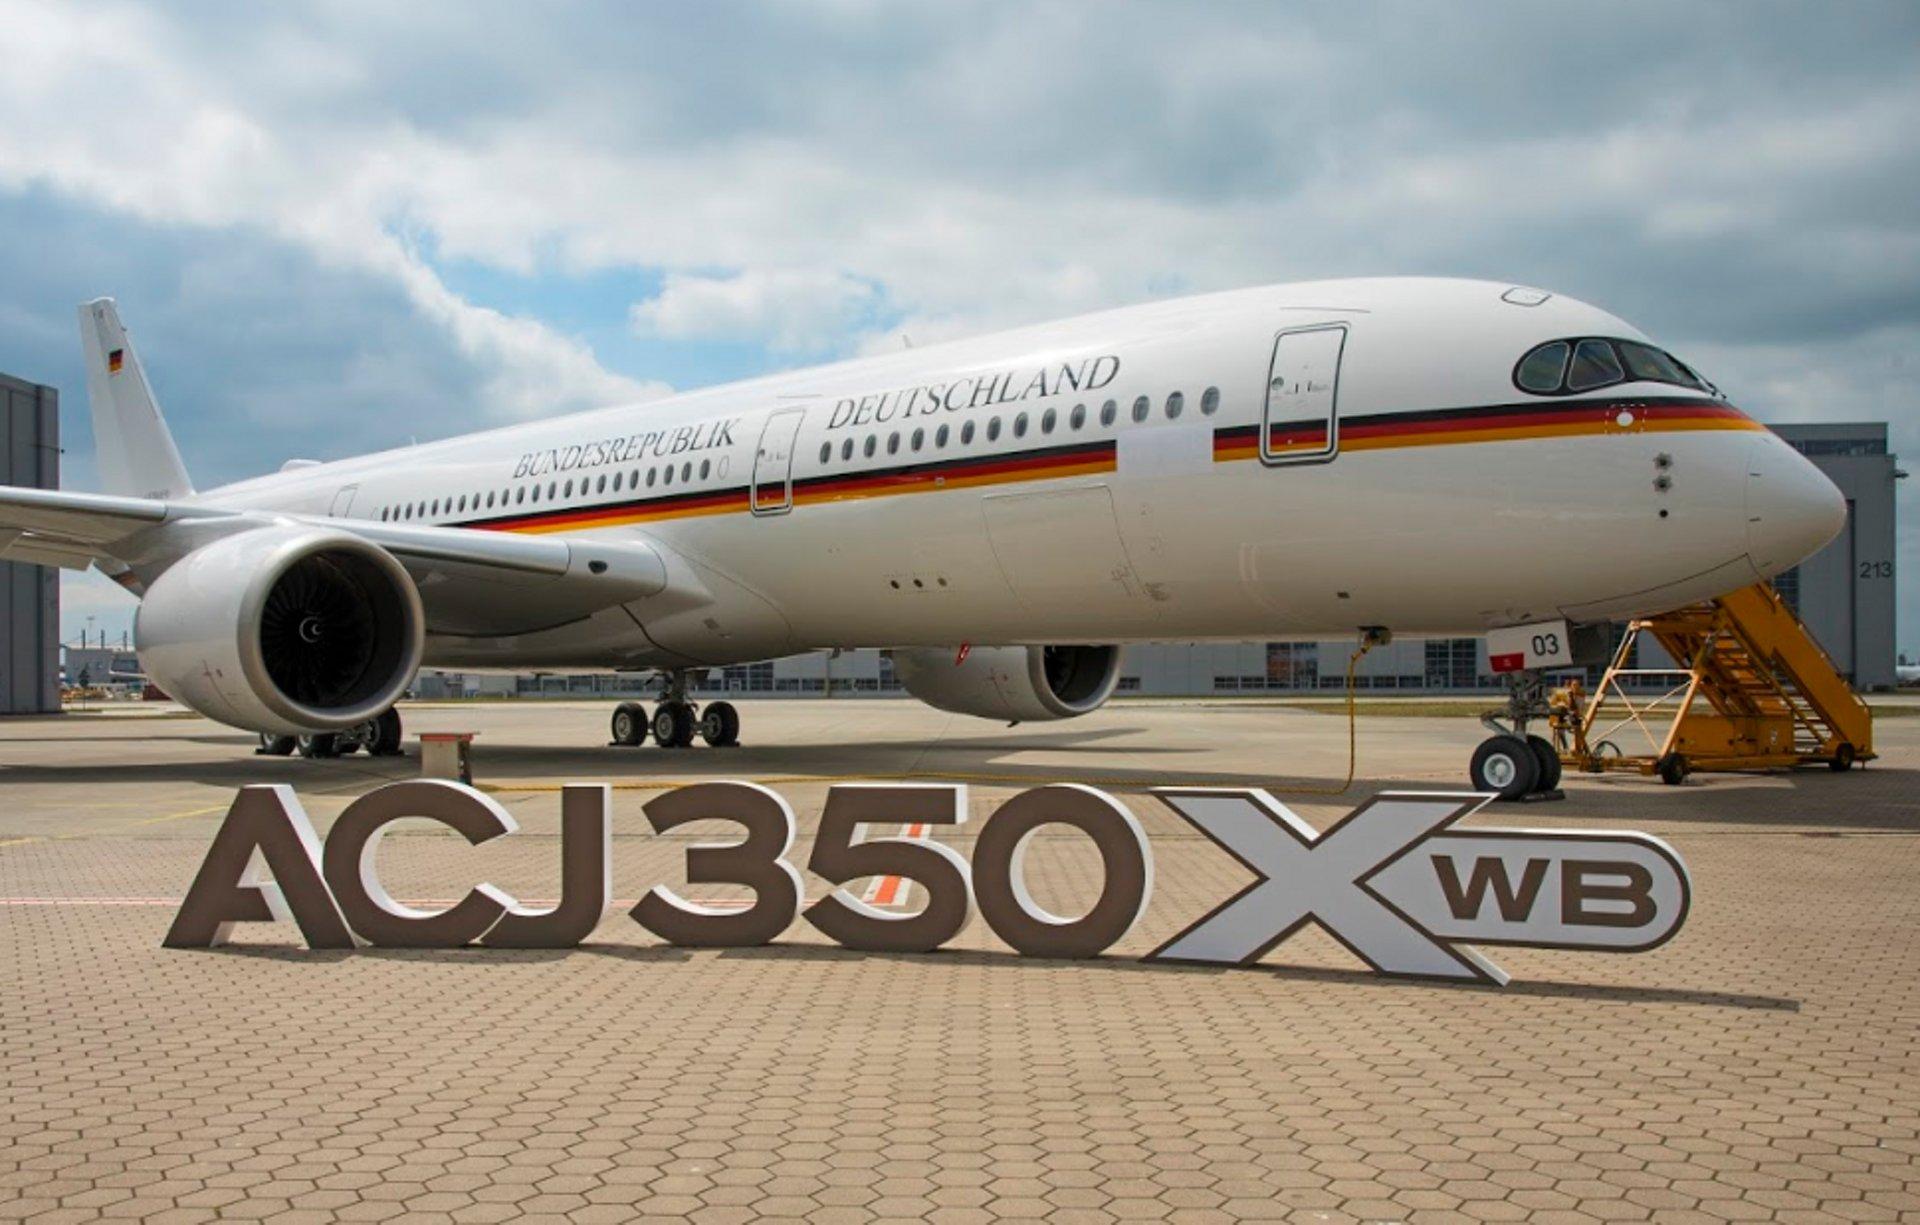 ACJ350